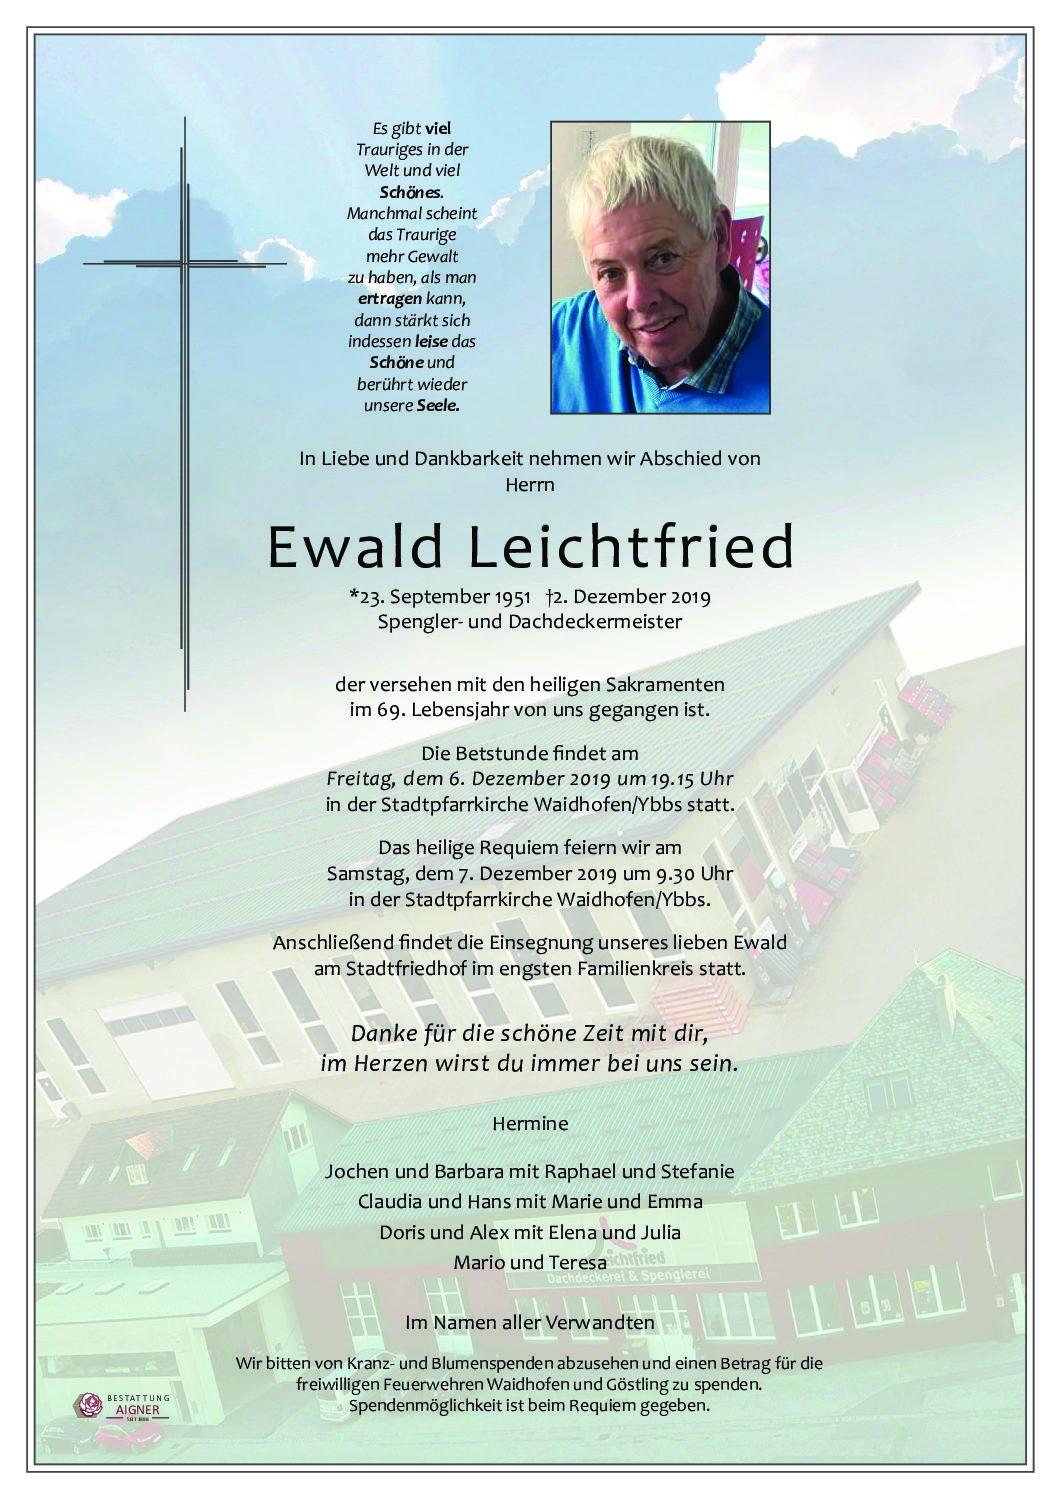 Ewald Leichtfried